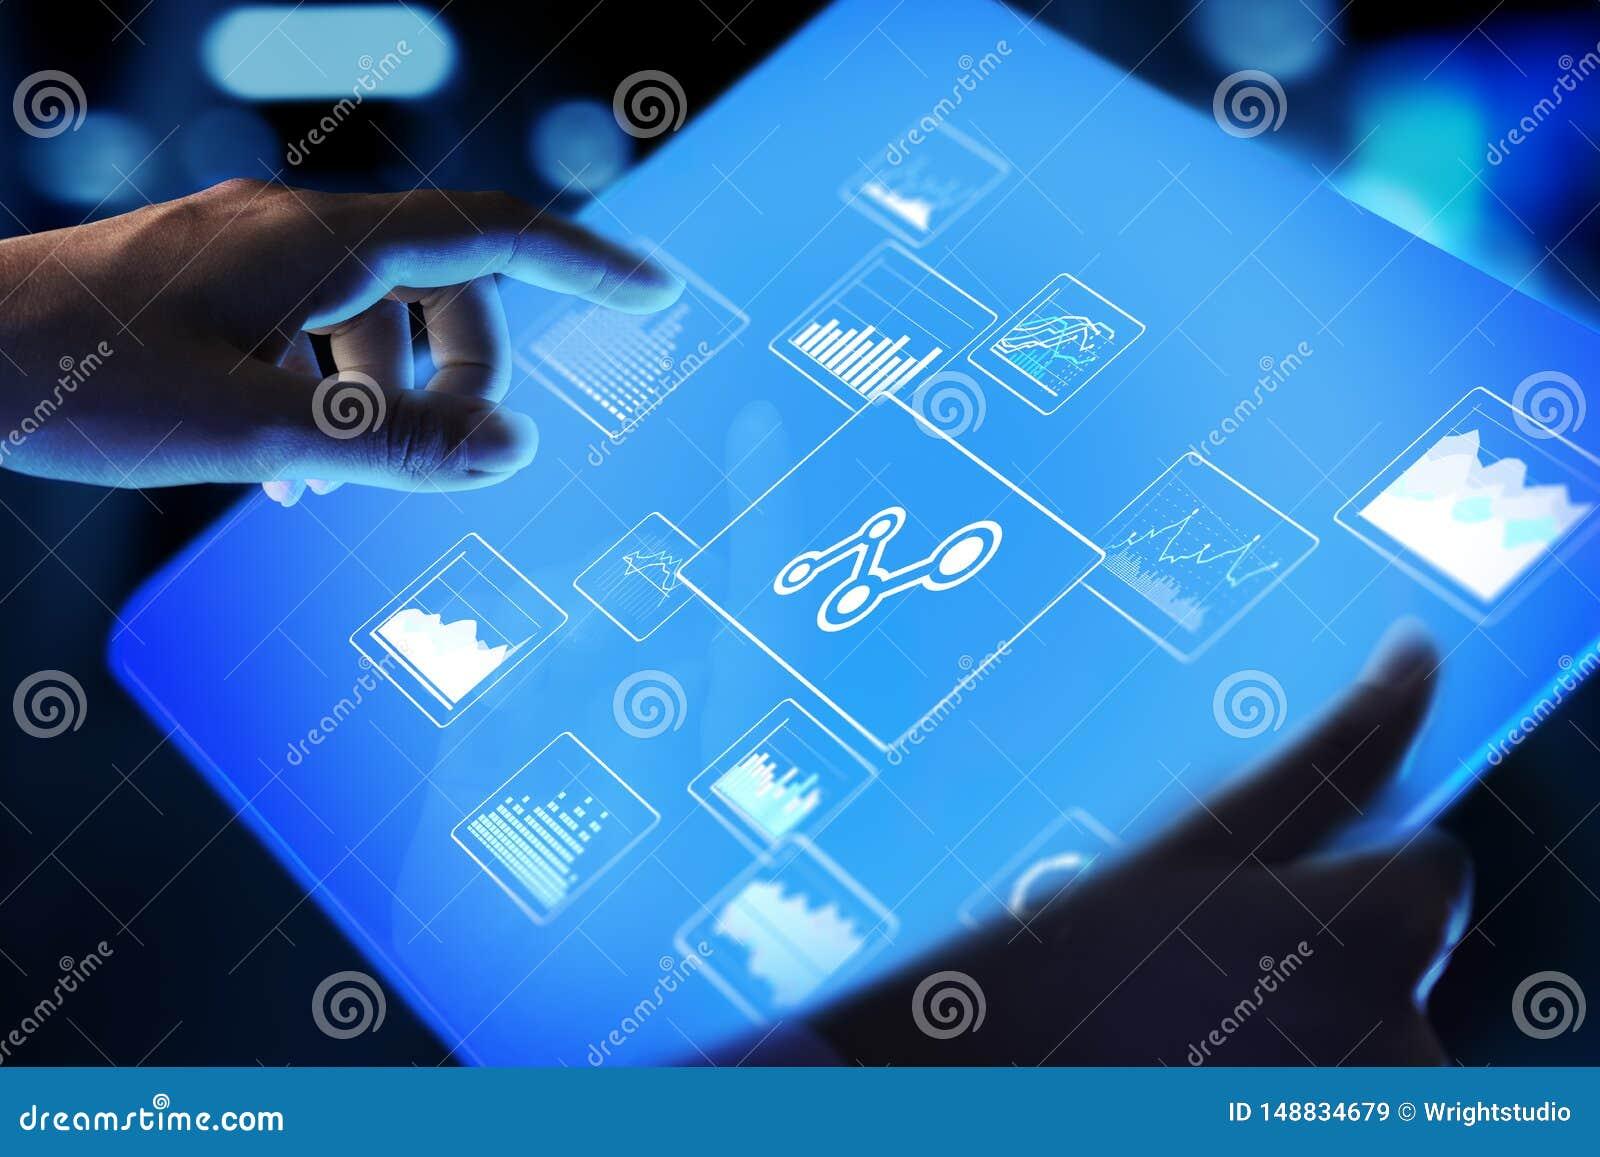 Big Data Analysis, Business Intelligence, Technology ...